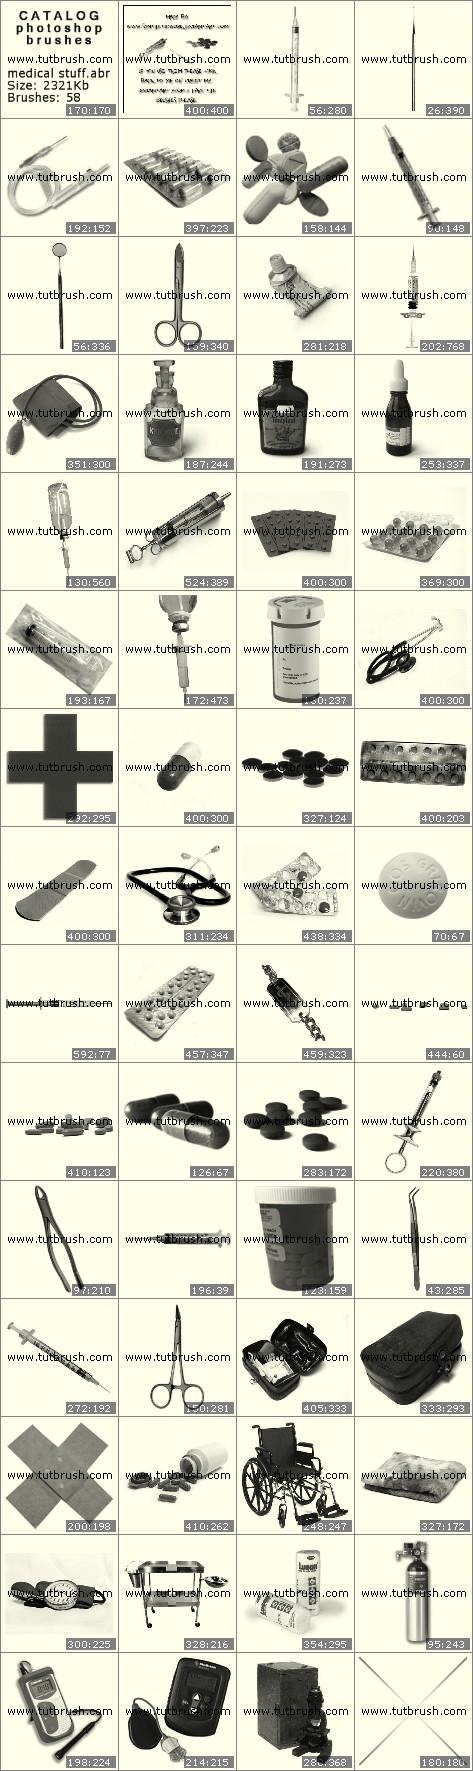 Кисти фотошоп Медицинские инструменты и препараты